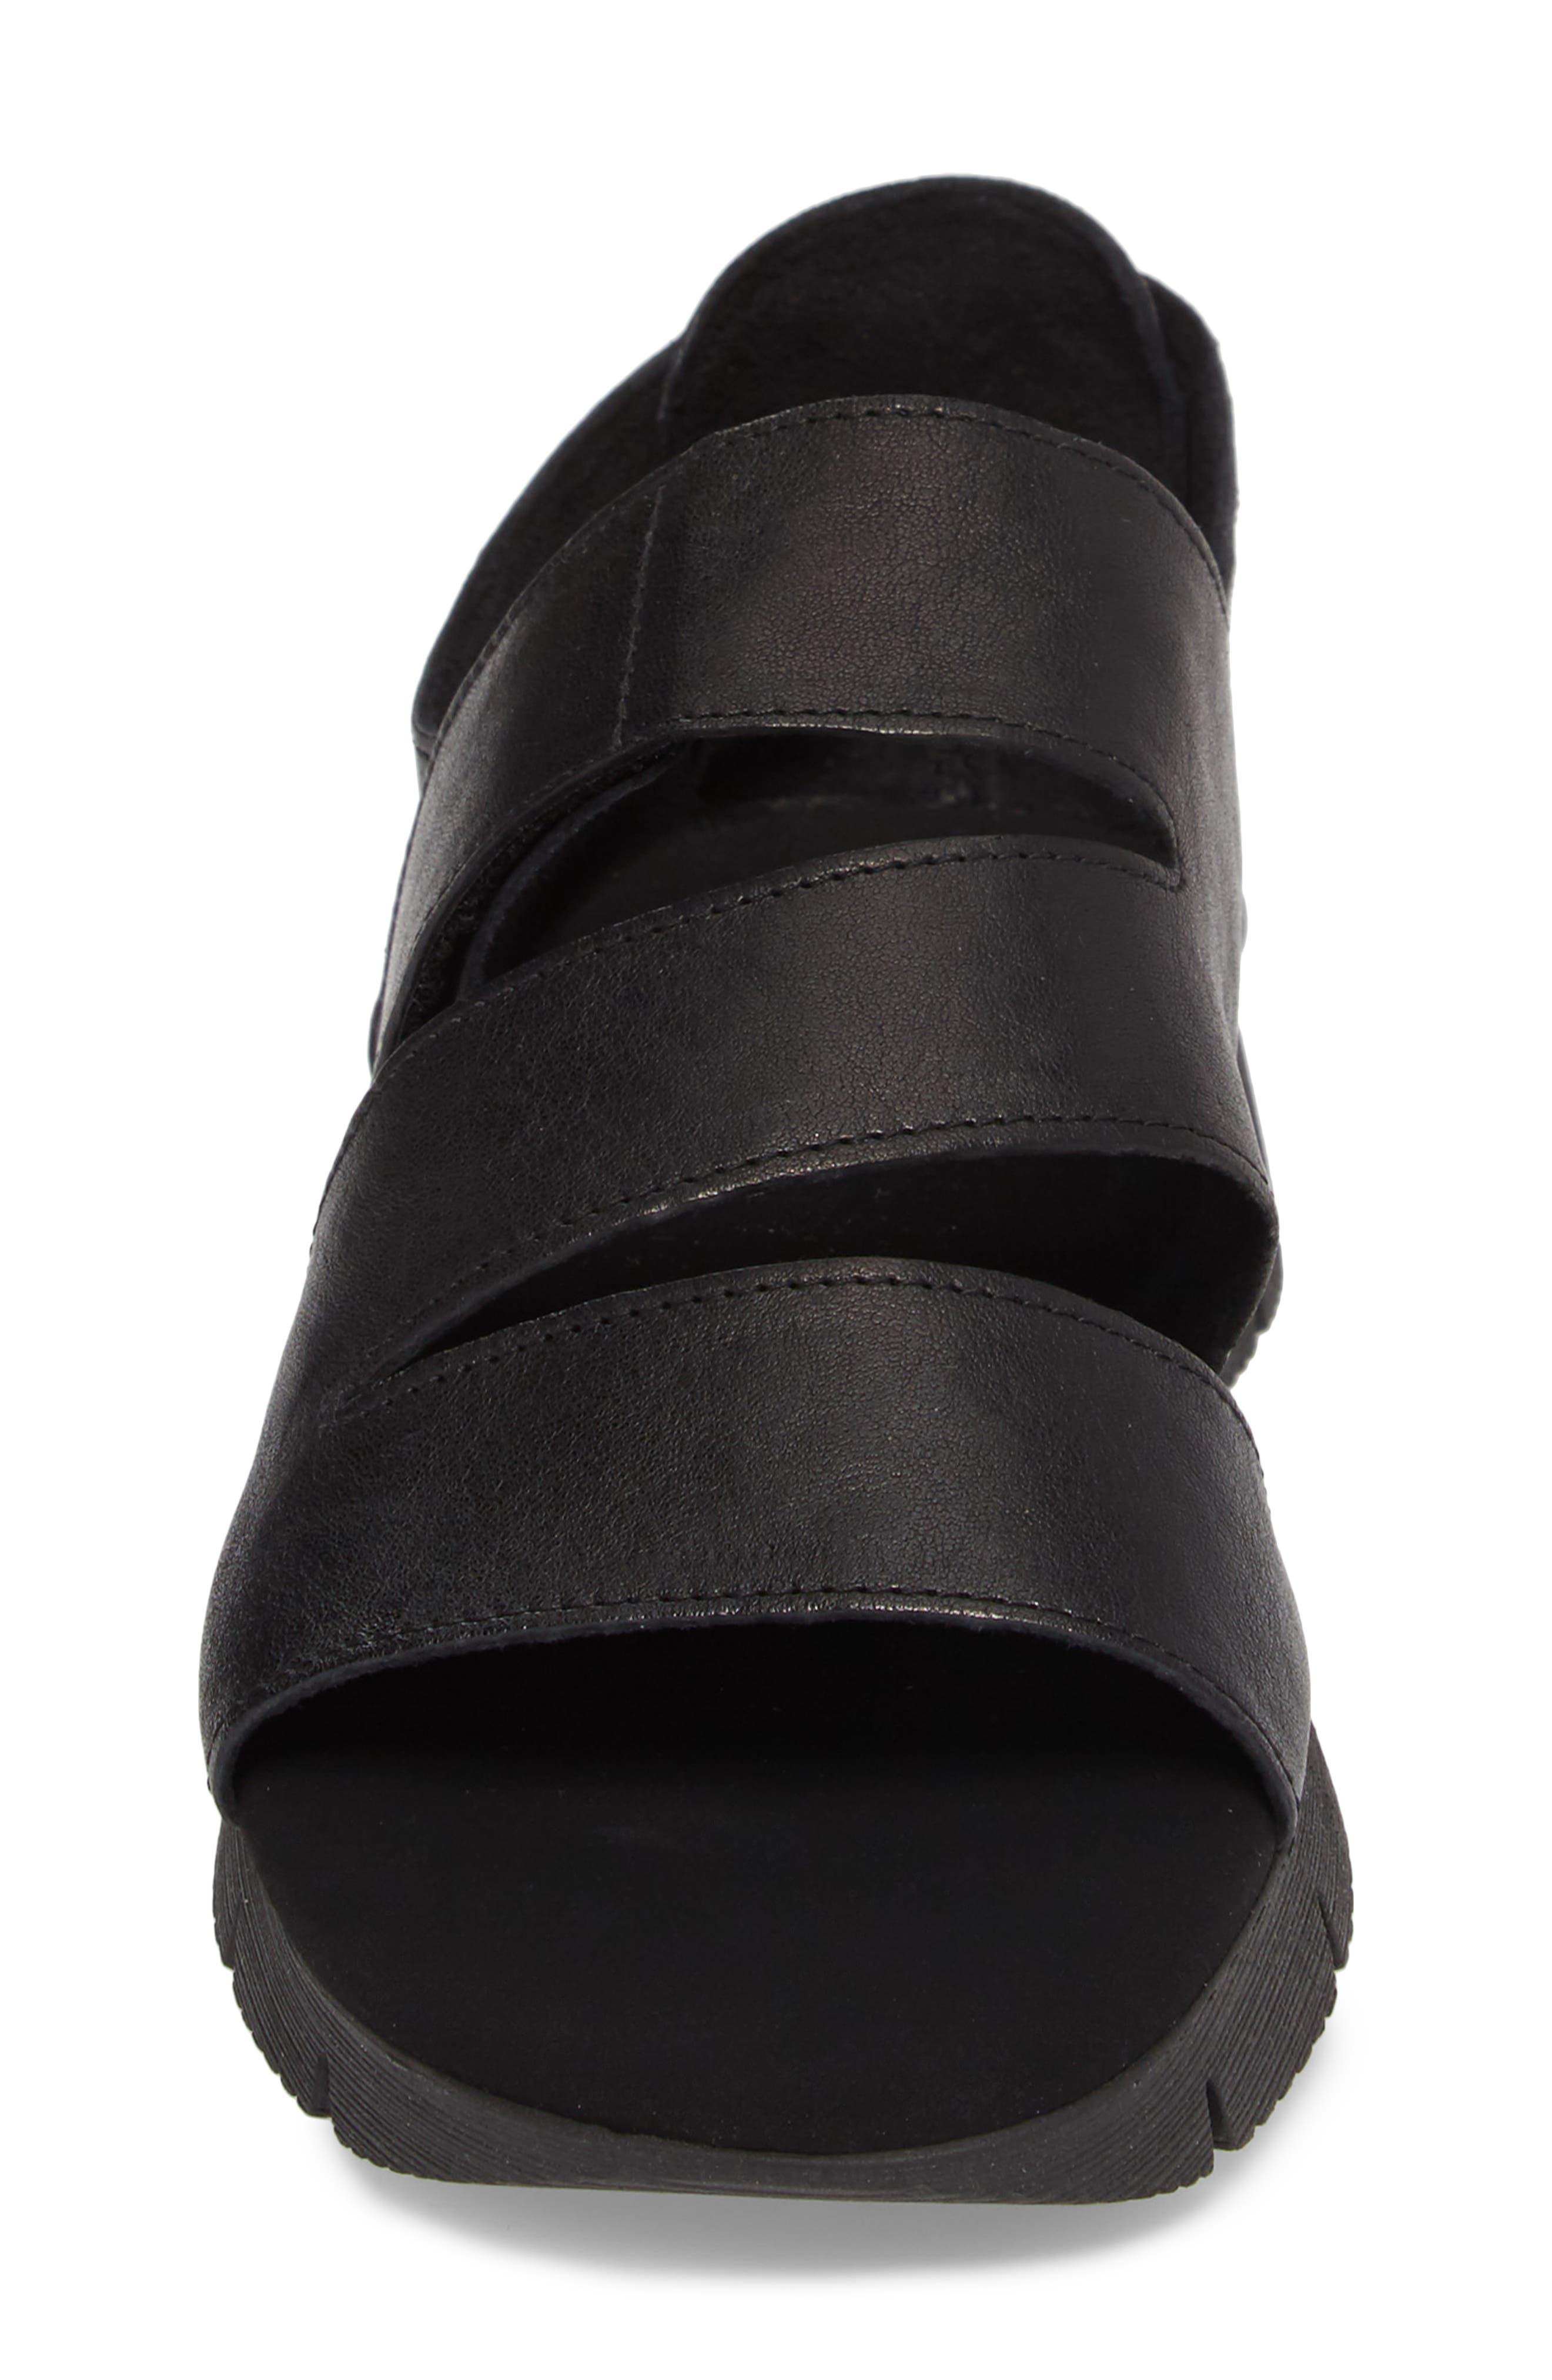 Tango Sandal,                             Alternate thumbnail 4, color,                             Black Rock/ Tory Black Rubber